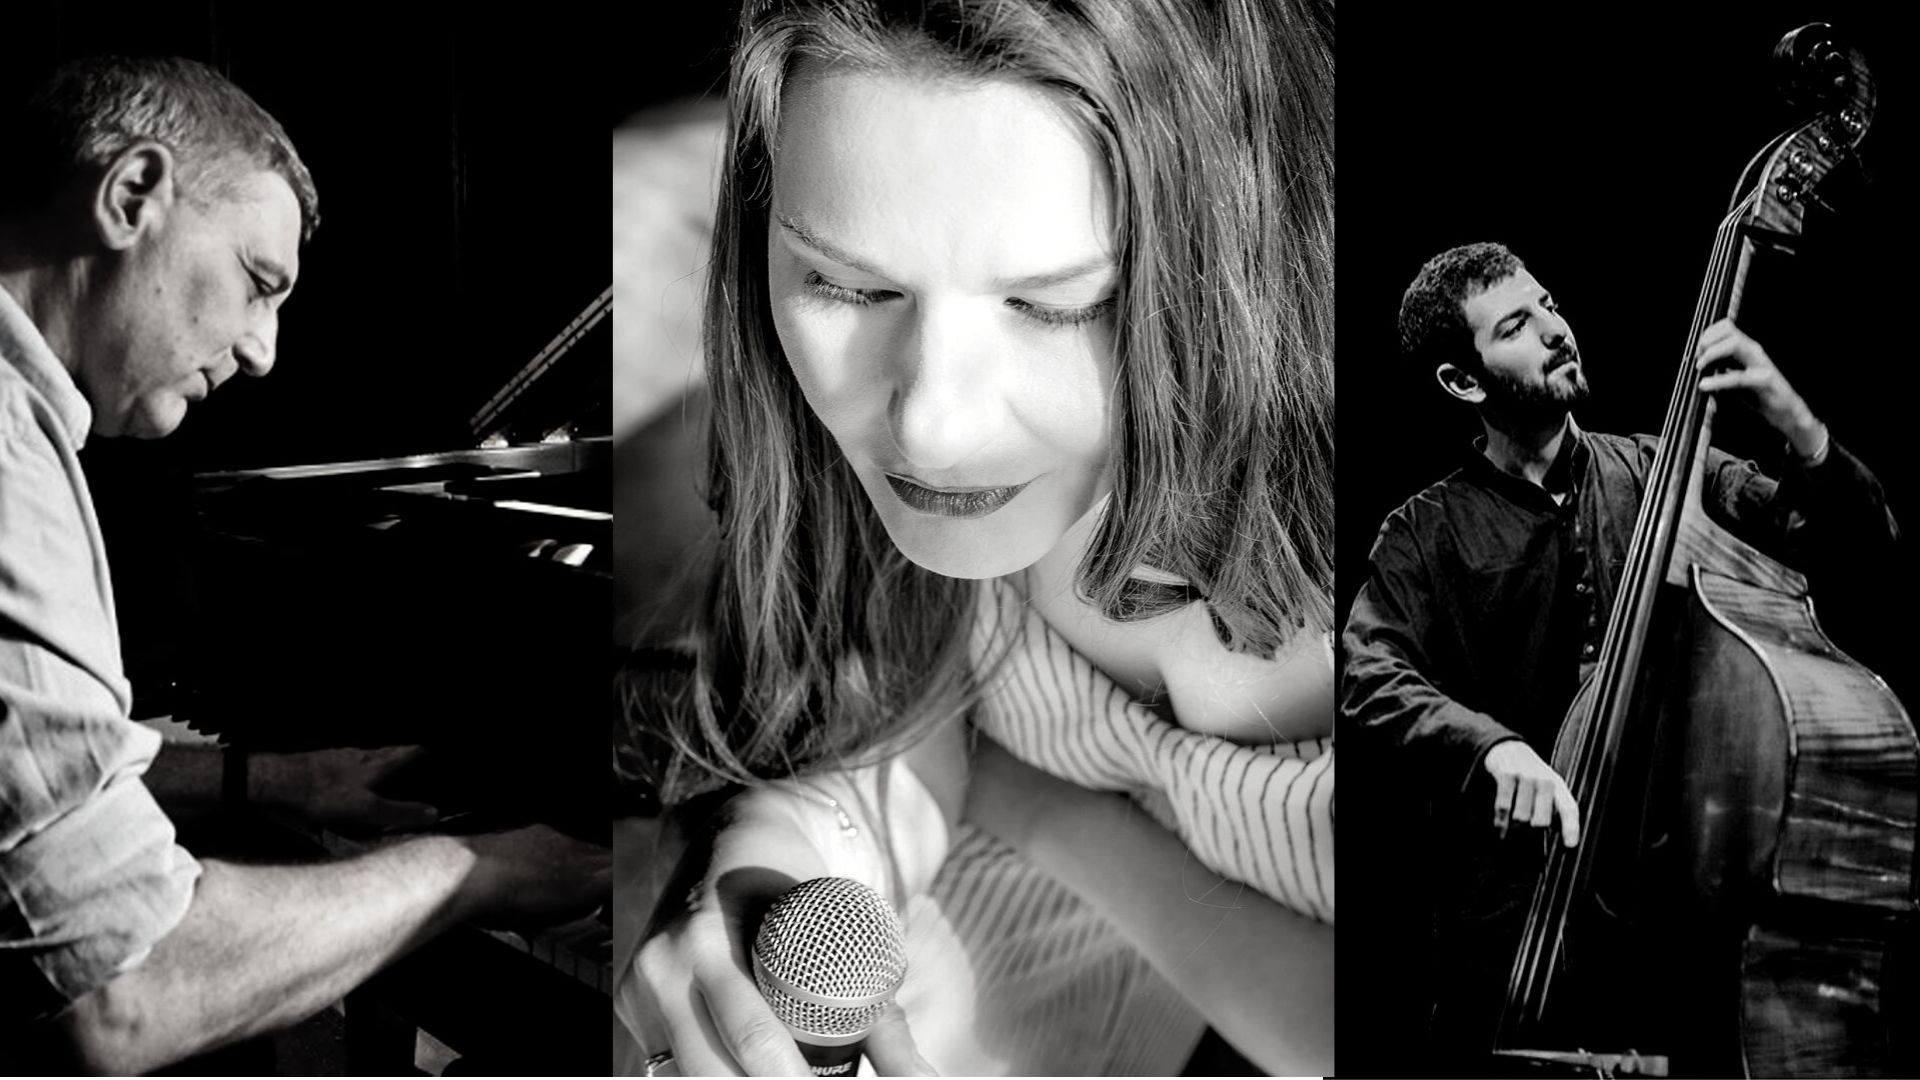 Вечер джаза в музее Иланы Гур – французские флюиды в джазовых аранжировках